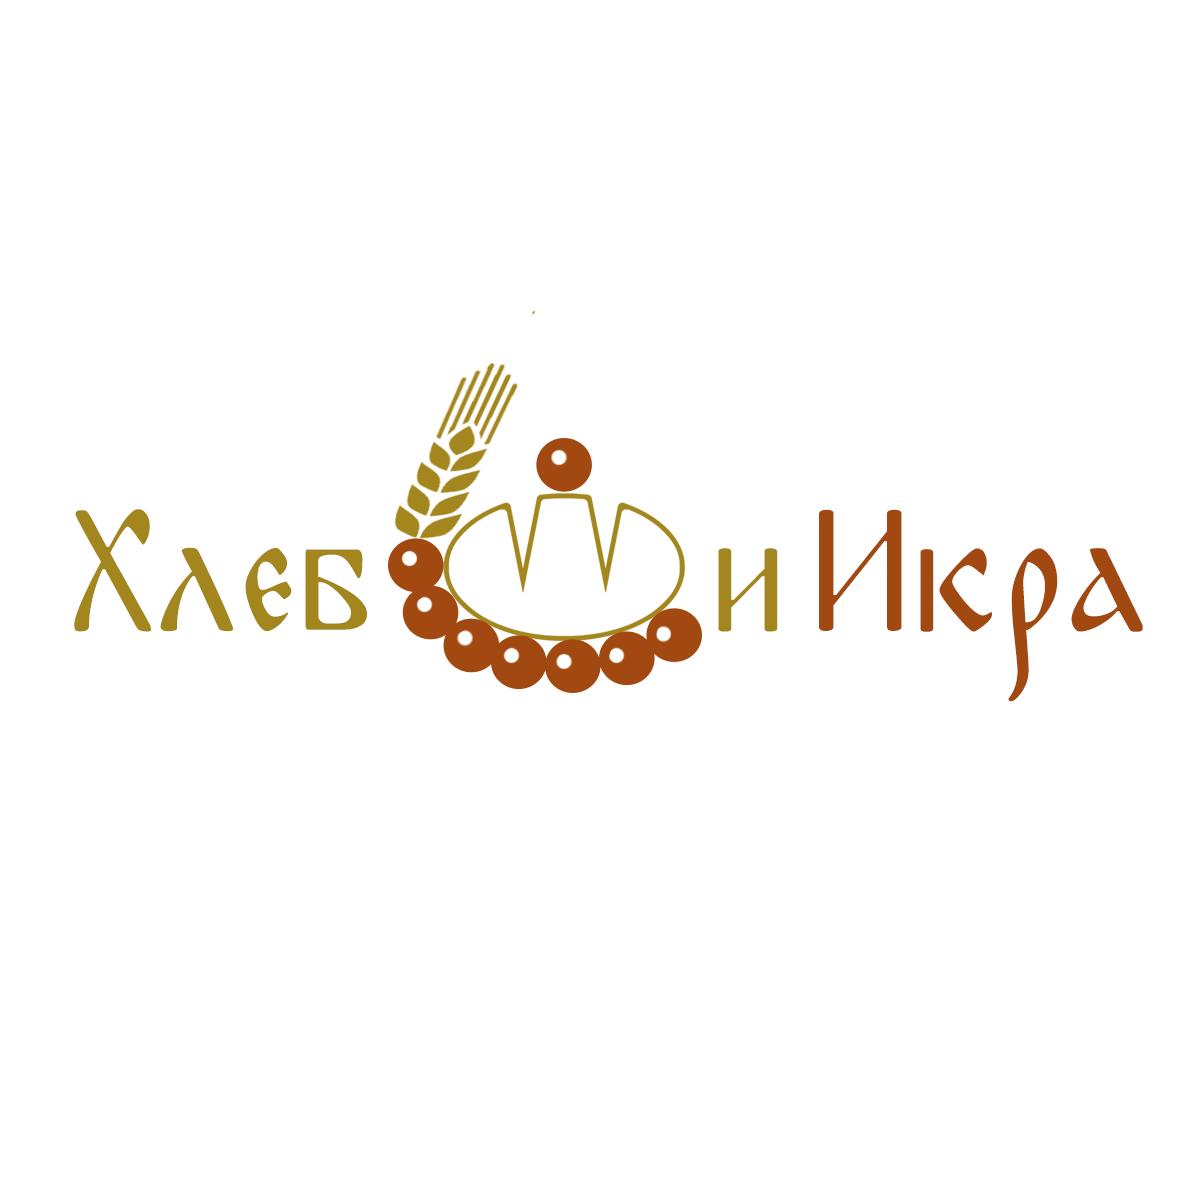 Разработка логотипа (написание)и разработка дизайна вывески  фото f_2215d7e44e066598.png